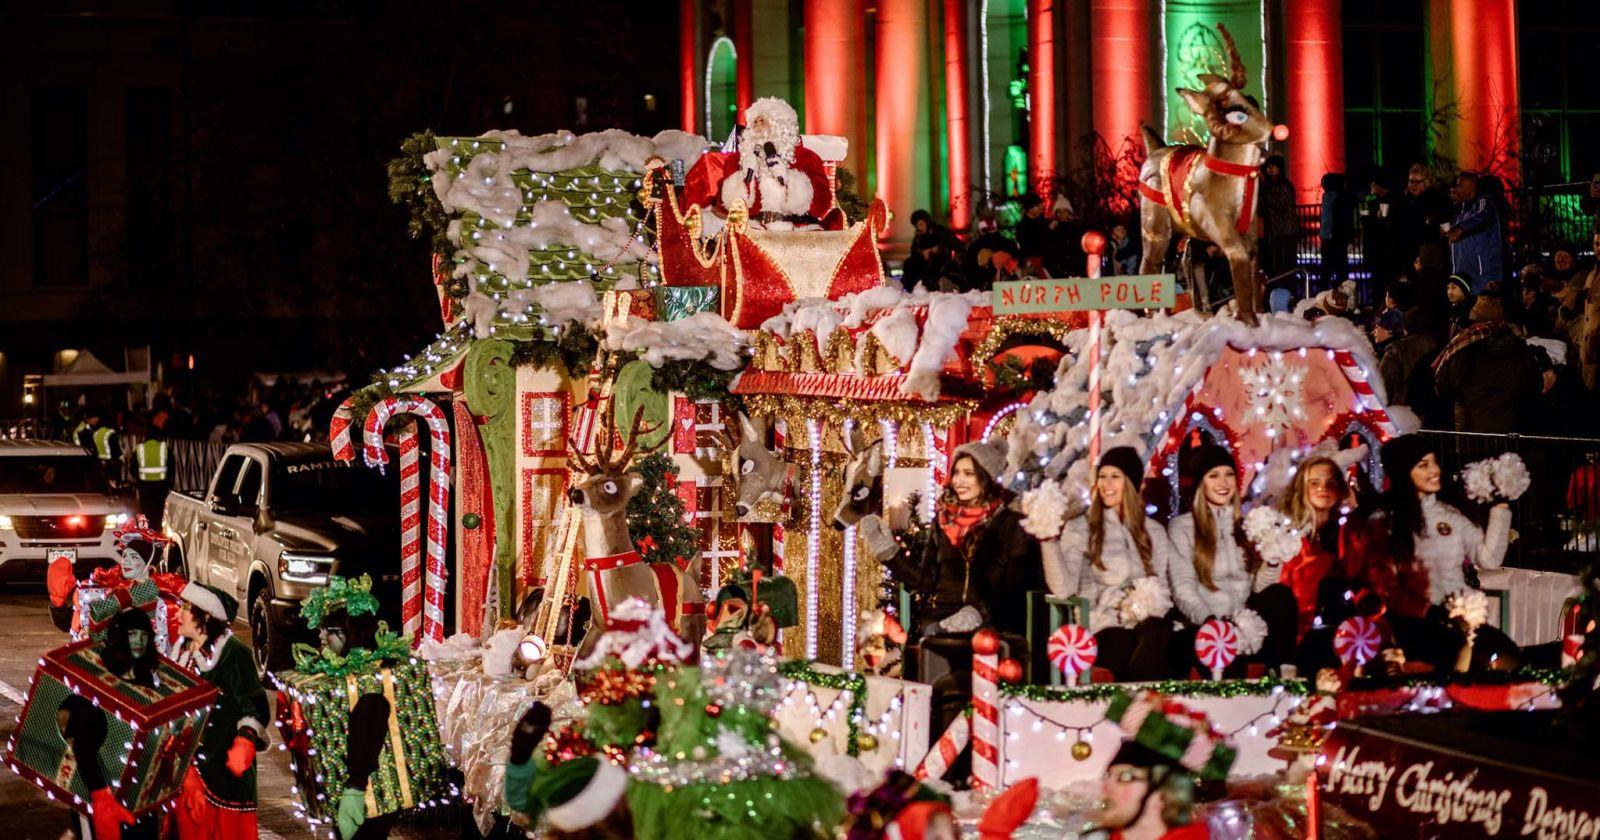 Denver Community Christmas Parade 2021